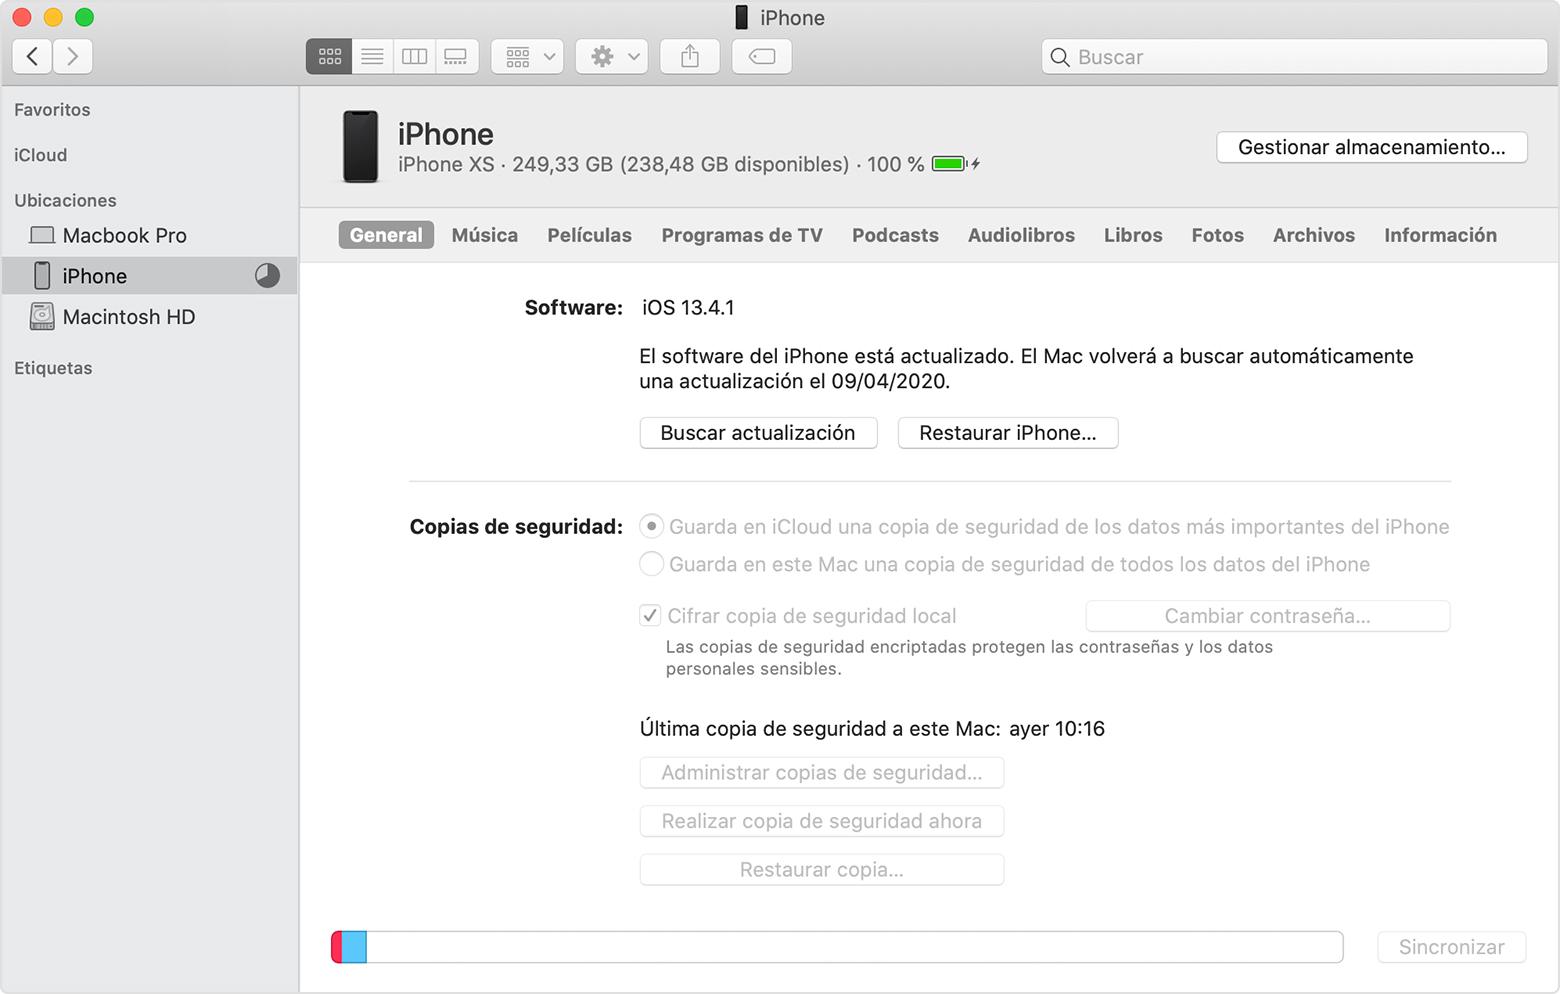 copia seguridad iPhone itunes RIM mobile